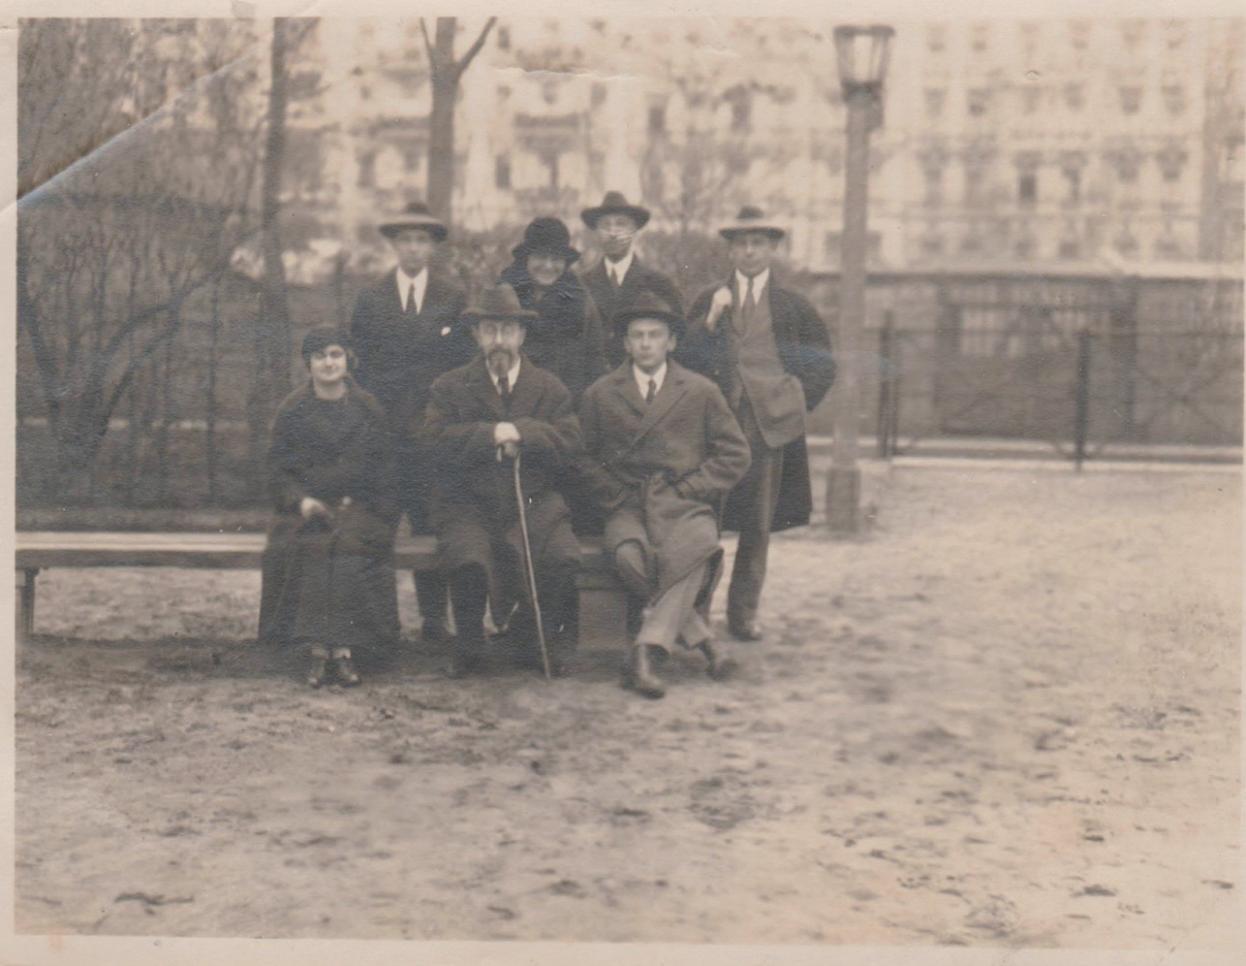 С.Л. Франк со своими учениками. Берлин, 1924 г. Фотография из архива внука Франка о. Петра Скорера